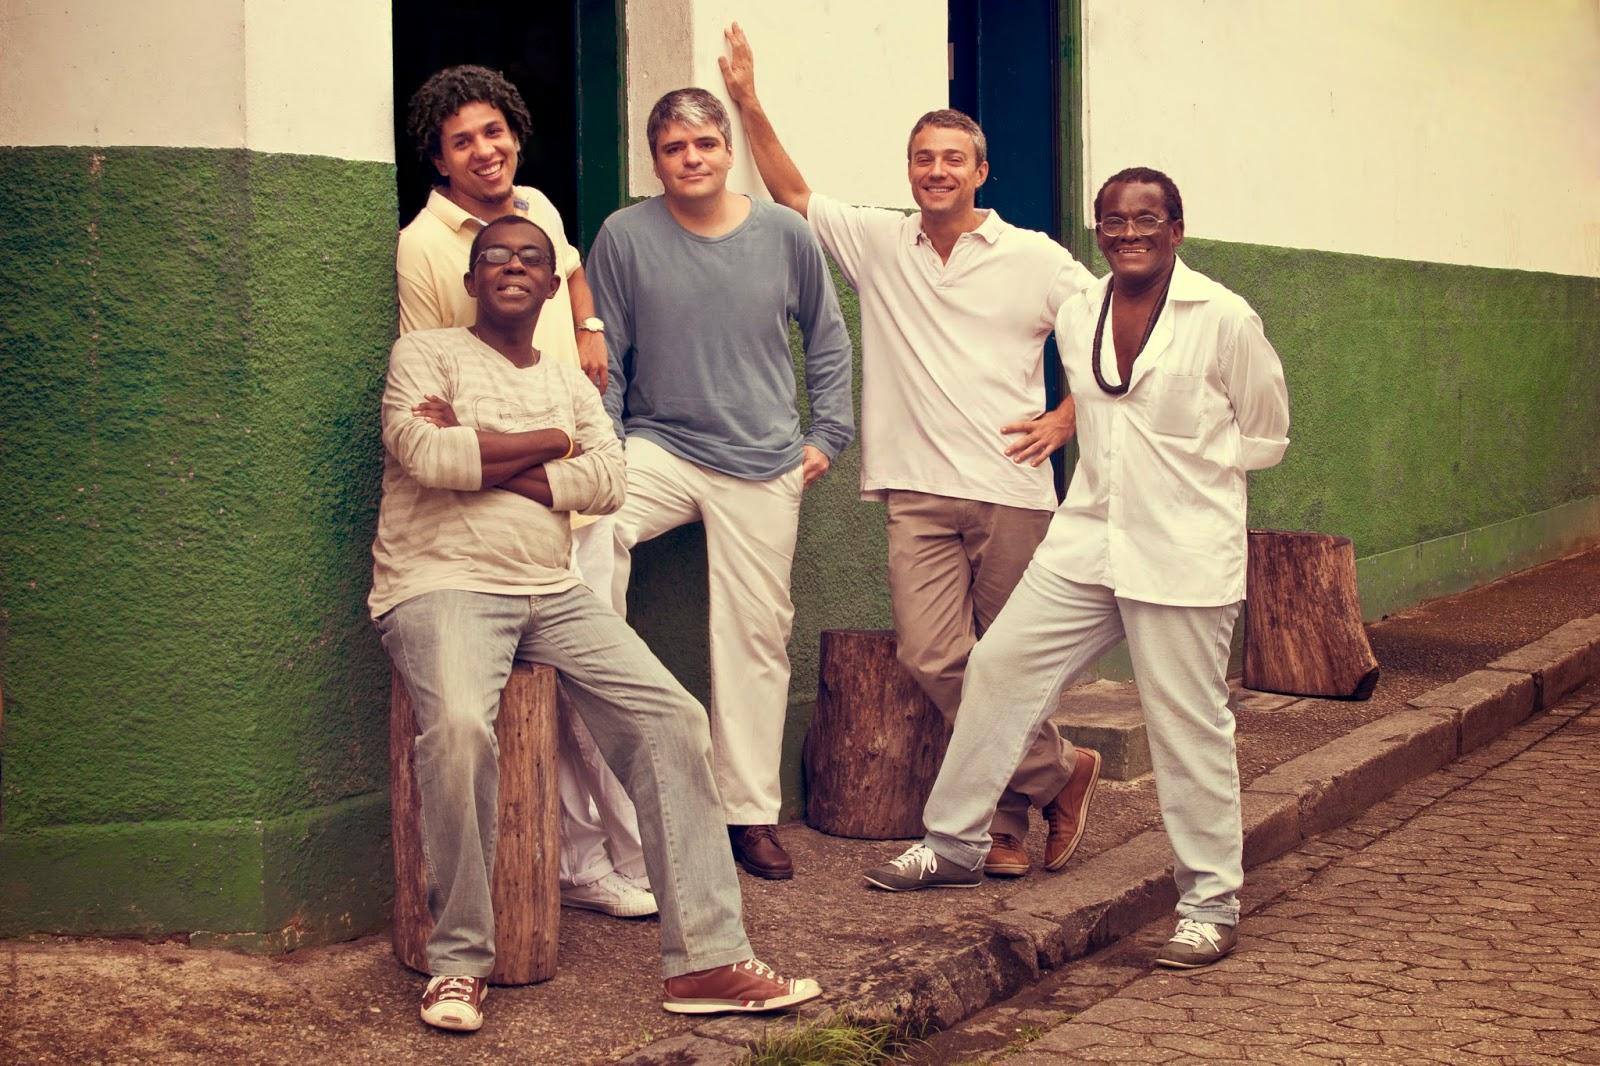 GrupoSemente FotografoAlfredoAlves Cr%C3%A9ditosDomBprodu%C3%A7%C3%B5es0187 Coluna de Samba - Dezembro - Casa da Gente